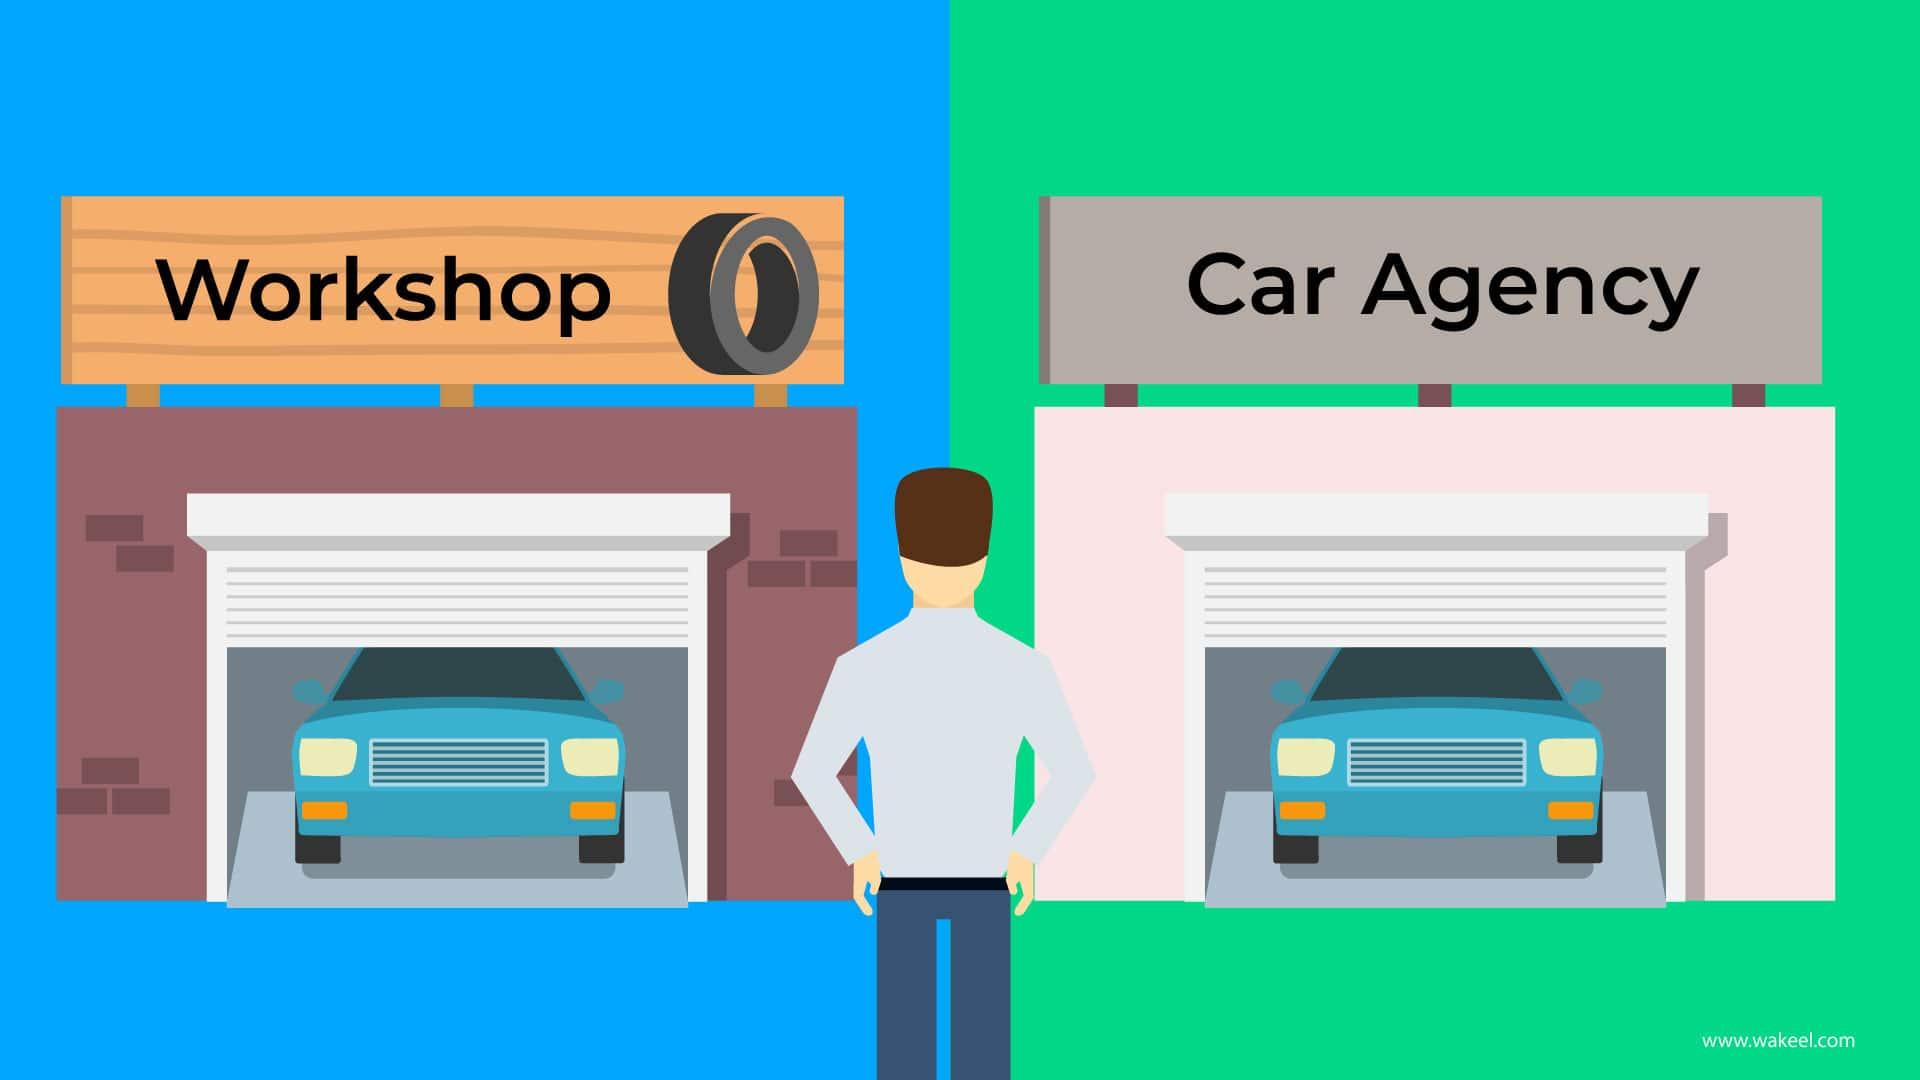 الفرق بين تصليح الوكالة أو ورشة معتمدة في التأمين الشامل